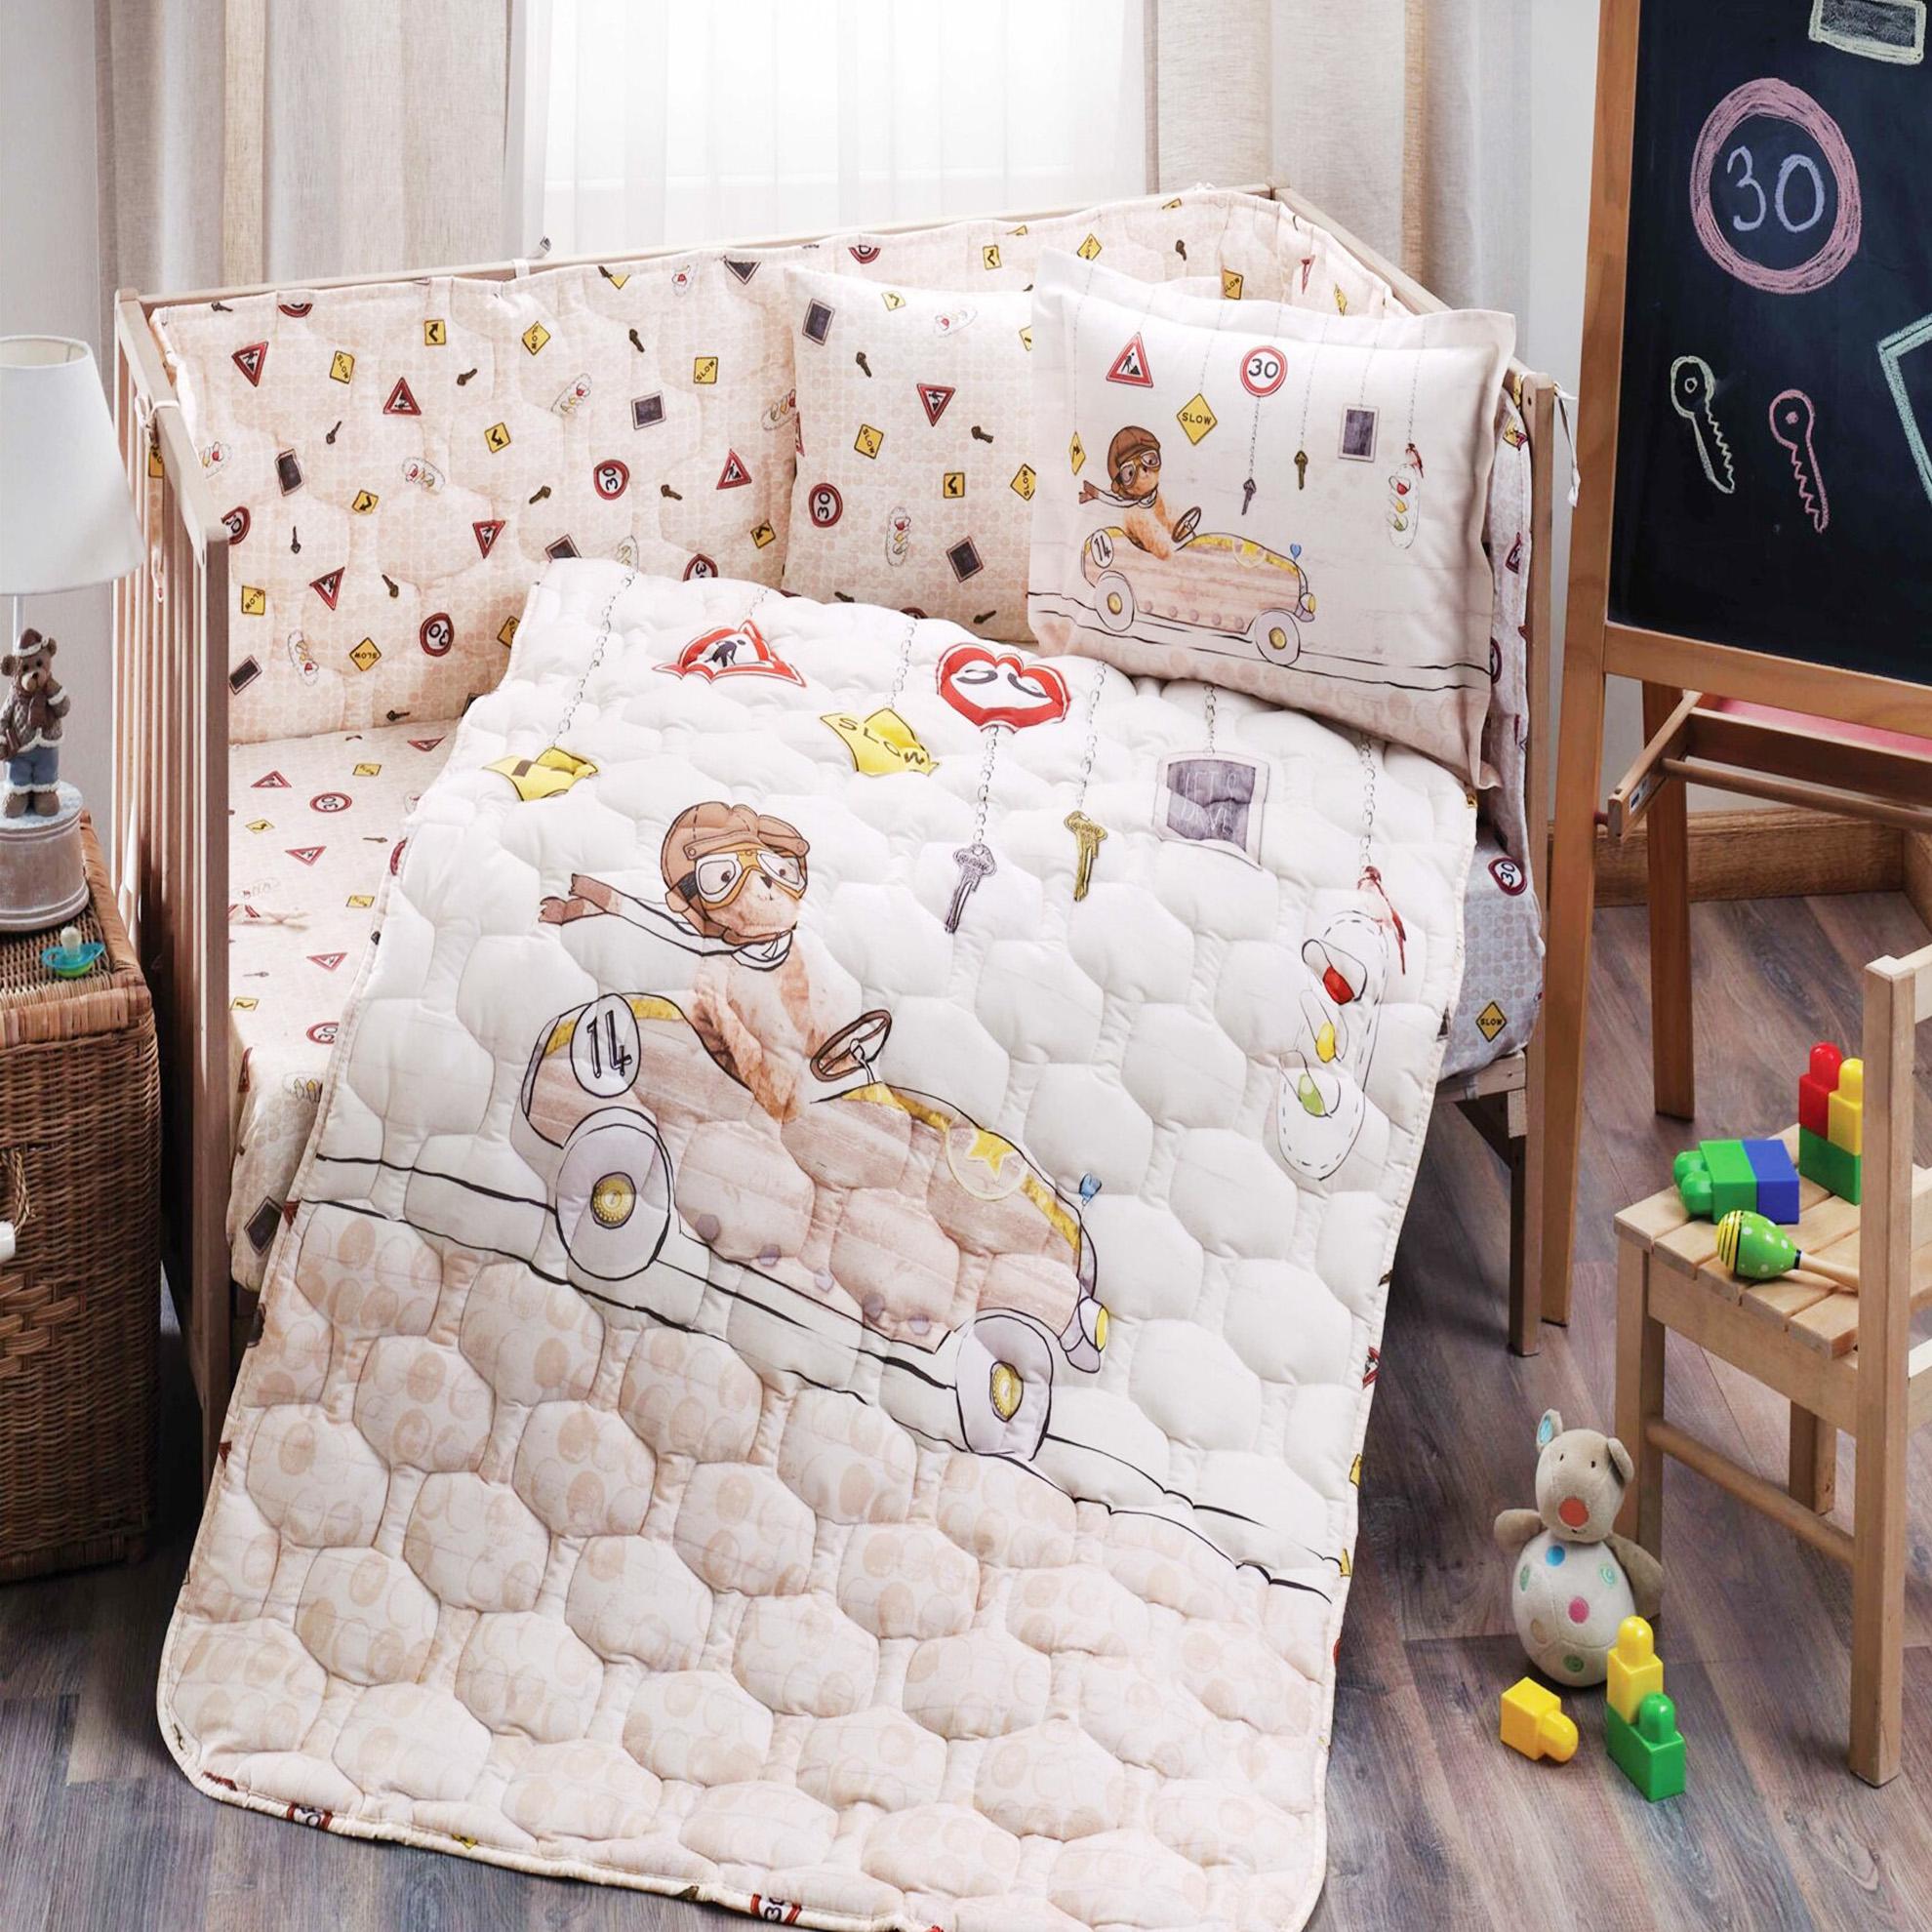 سرویس خواب 6 تکه نوزادی تاچ مدل Driver